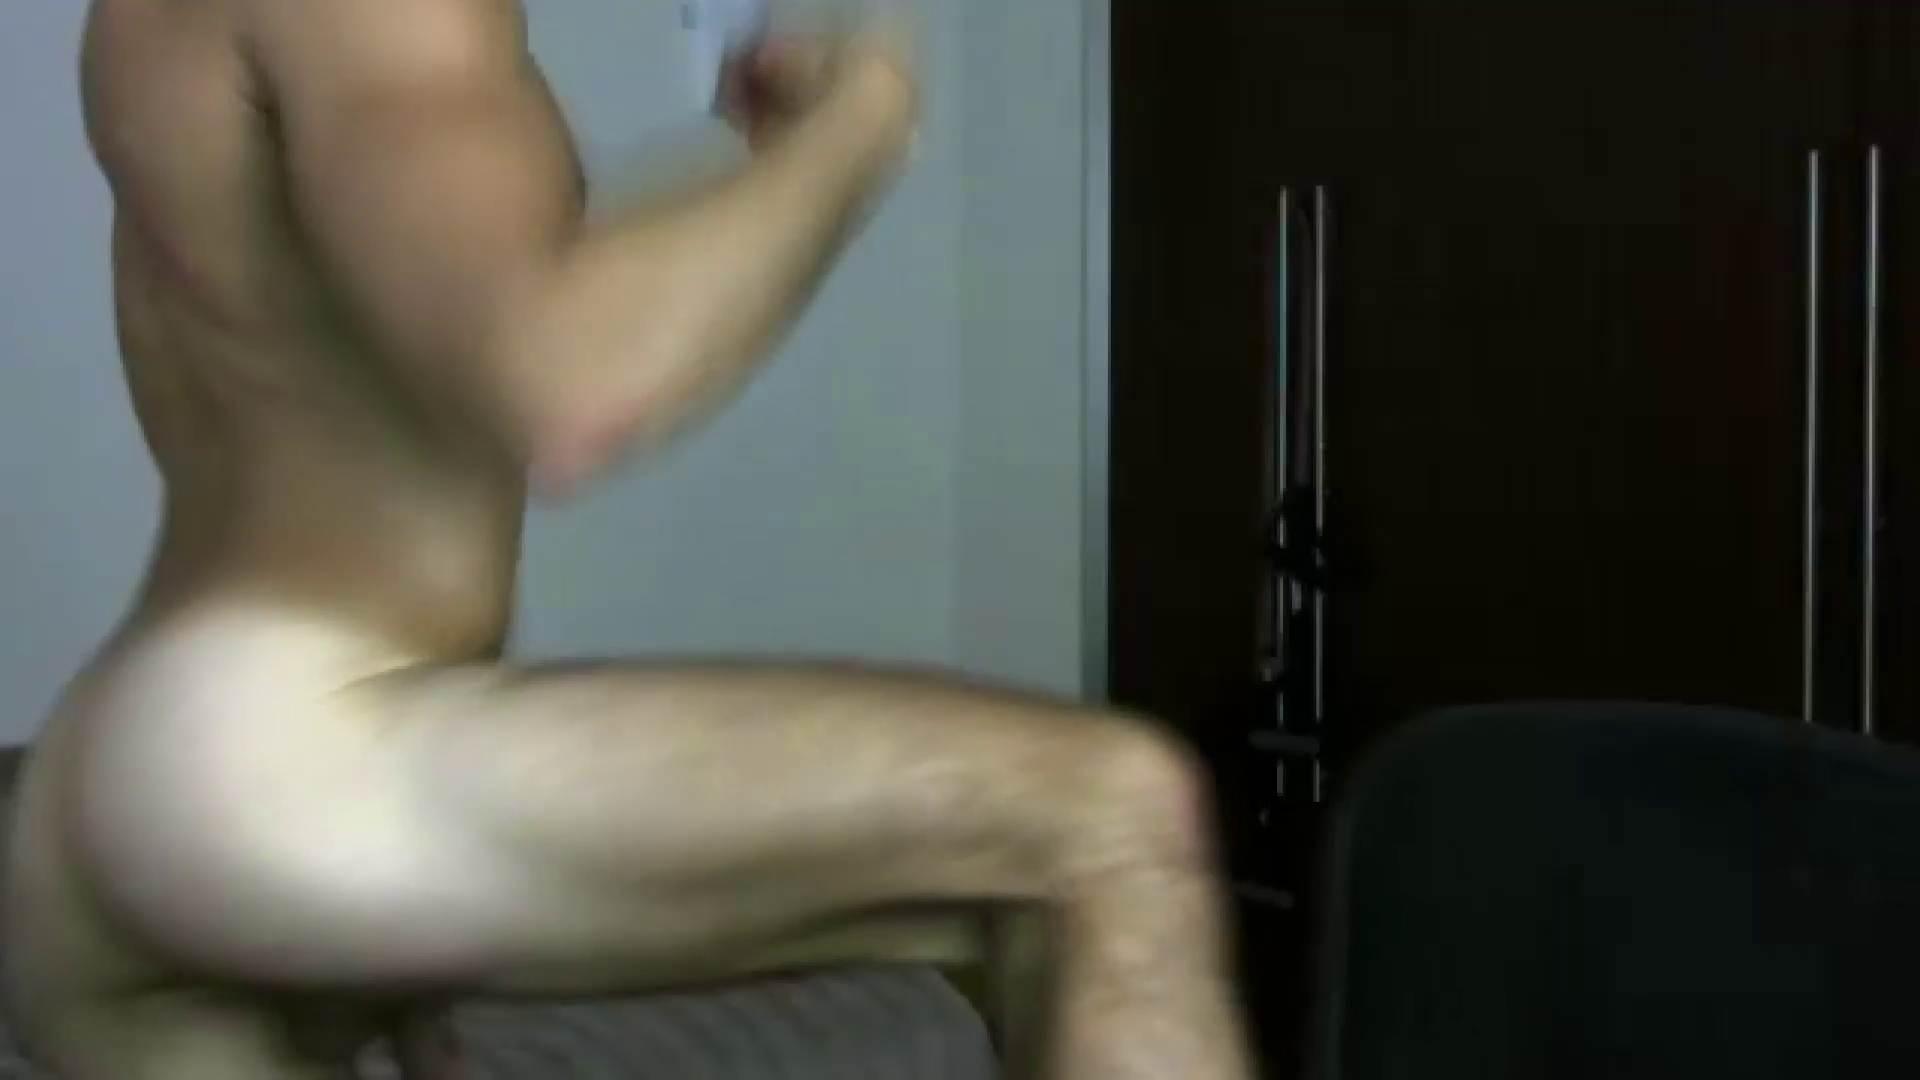 イケメンマッチョ外人オナニー 後編 外人 ゲイセックス画像 79pic 6